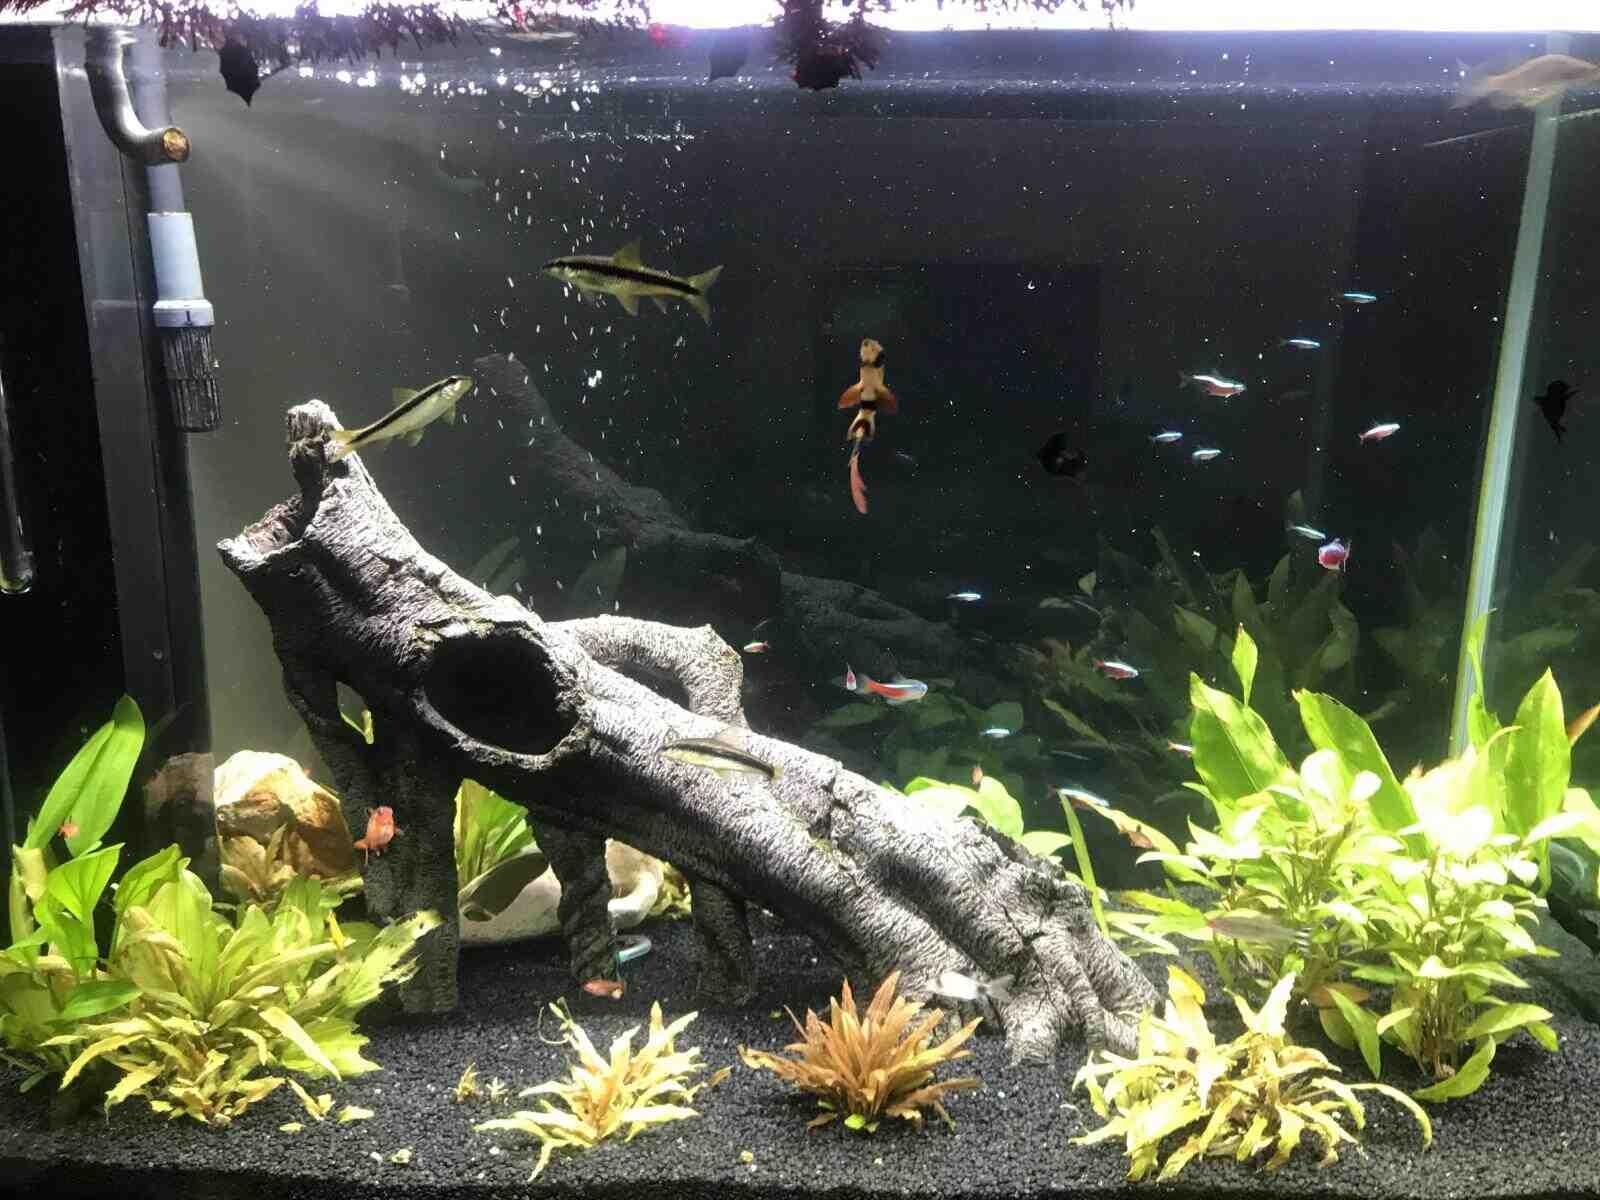 Comment gardez-vous les plantes au fond de l'aquarium?